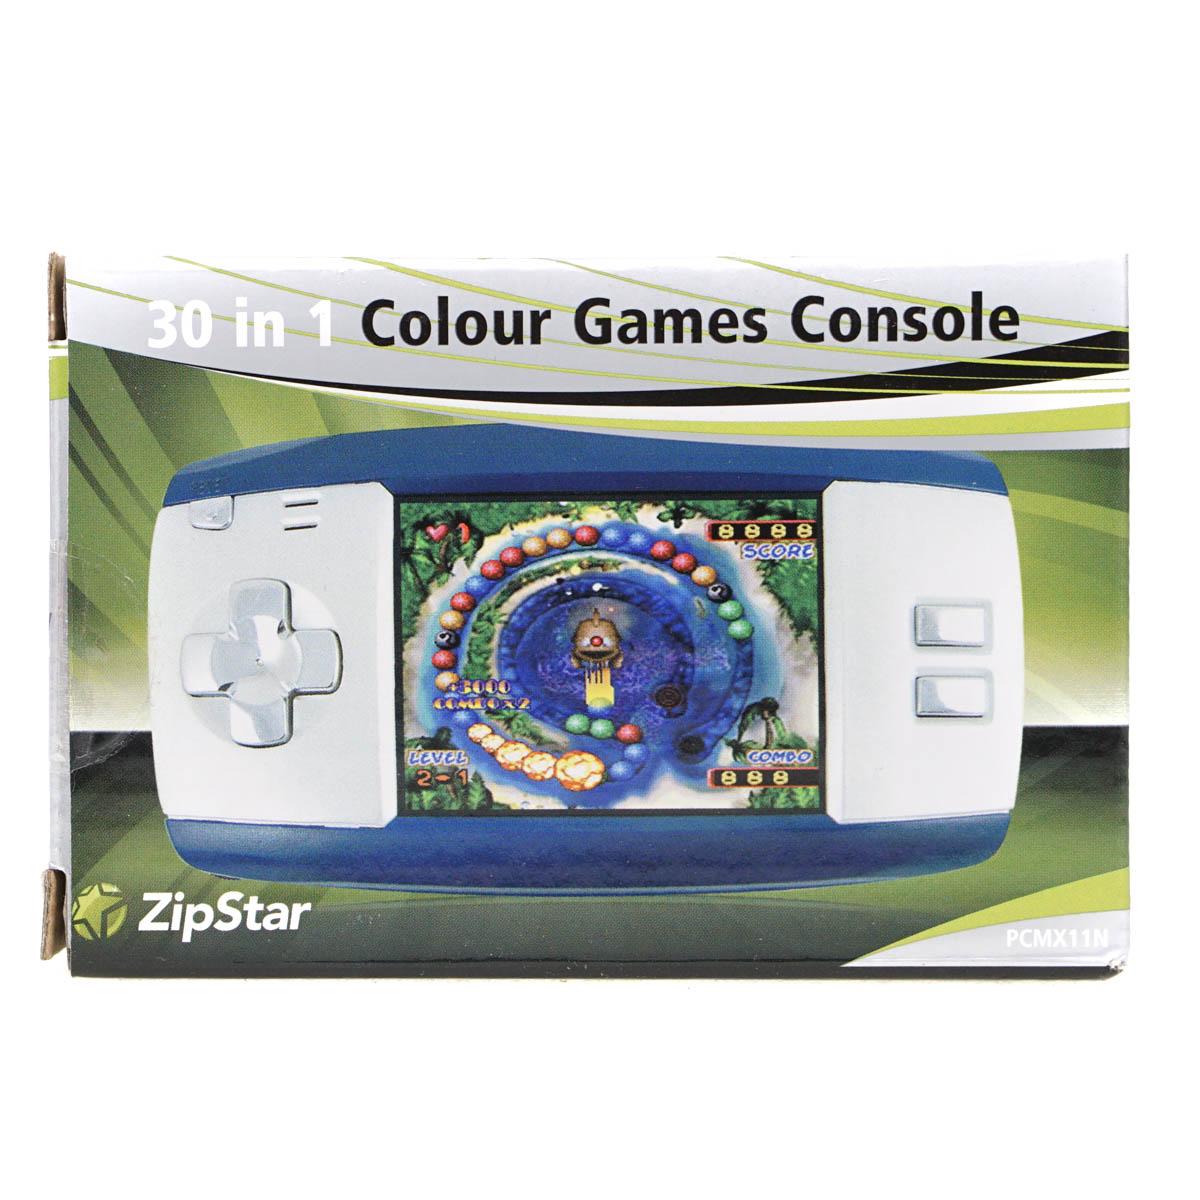 zipstar couleur portable console de jeux portable de jeux. Black Bedroom Furniture Sets. Home Design Ideas